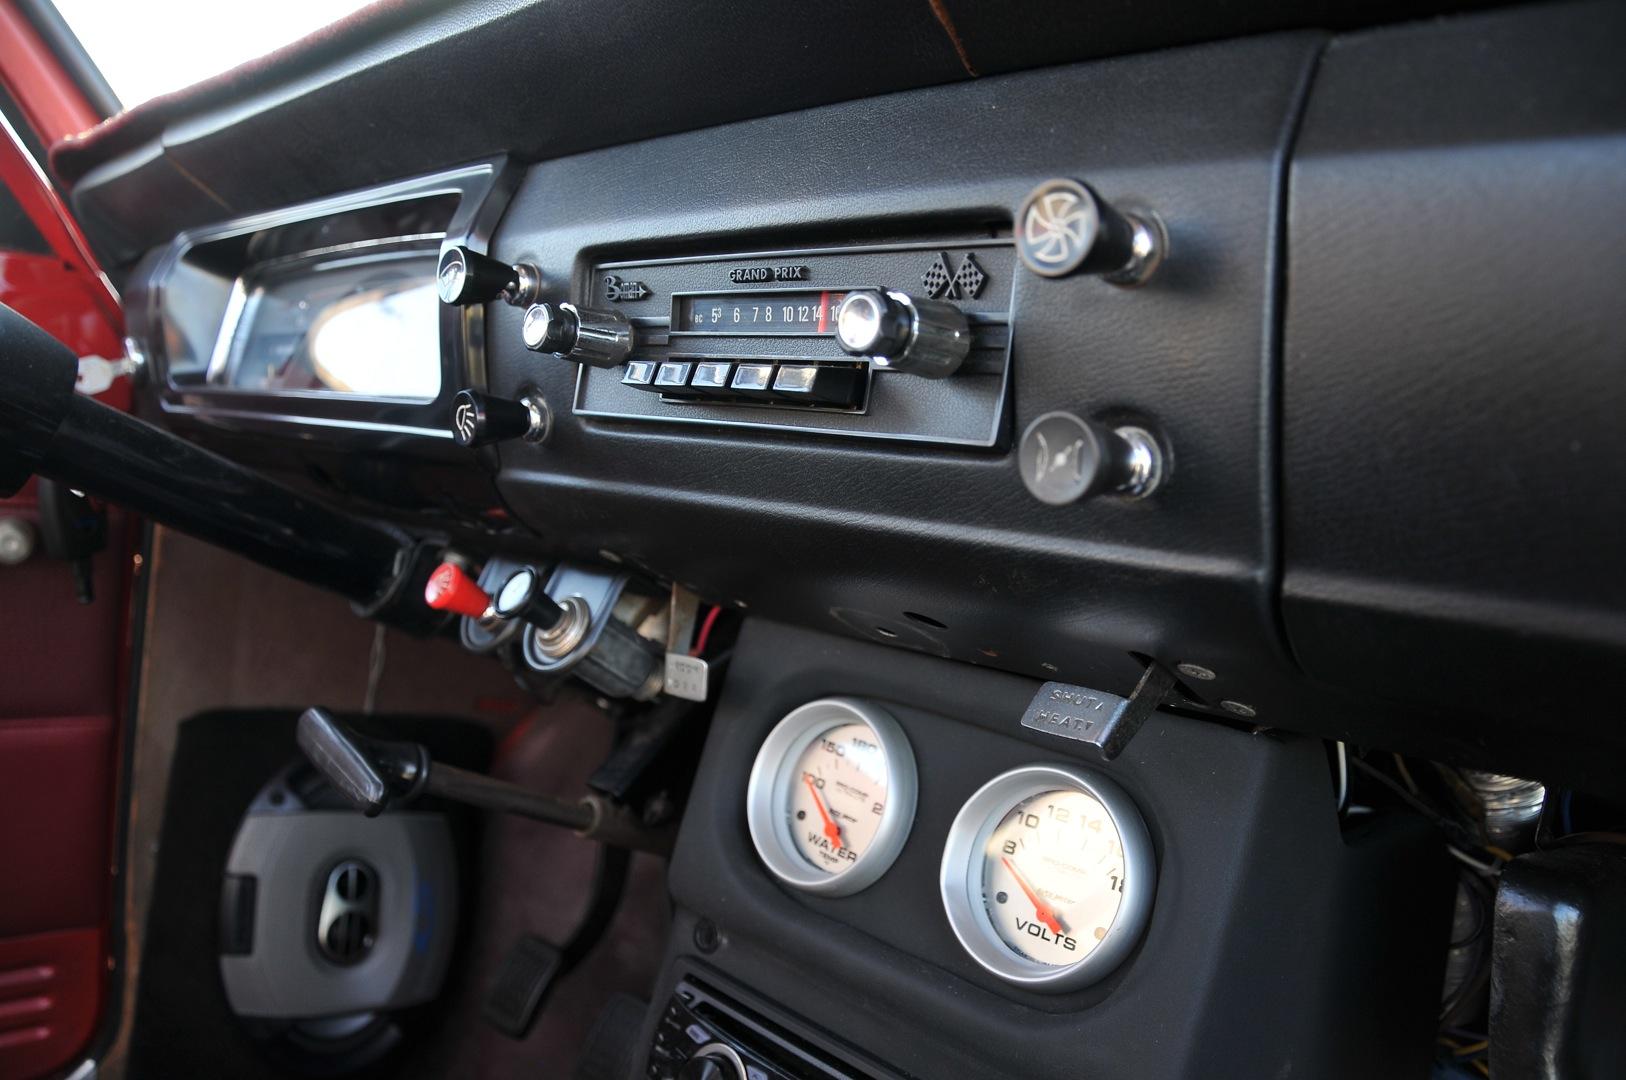 1969 Datsun 521 truck, Japanese classic truck interior, datsun dashboard